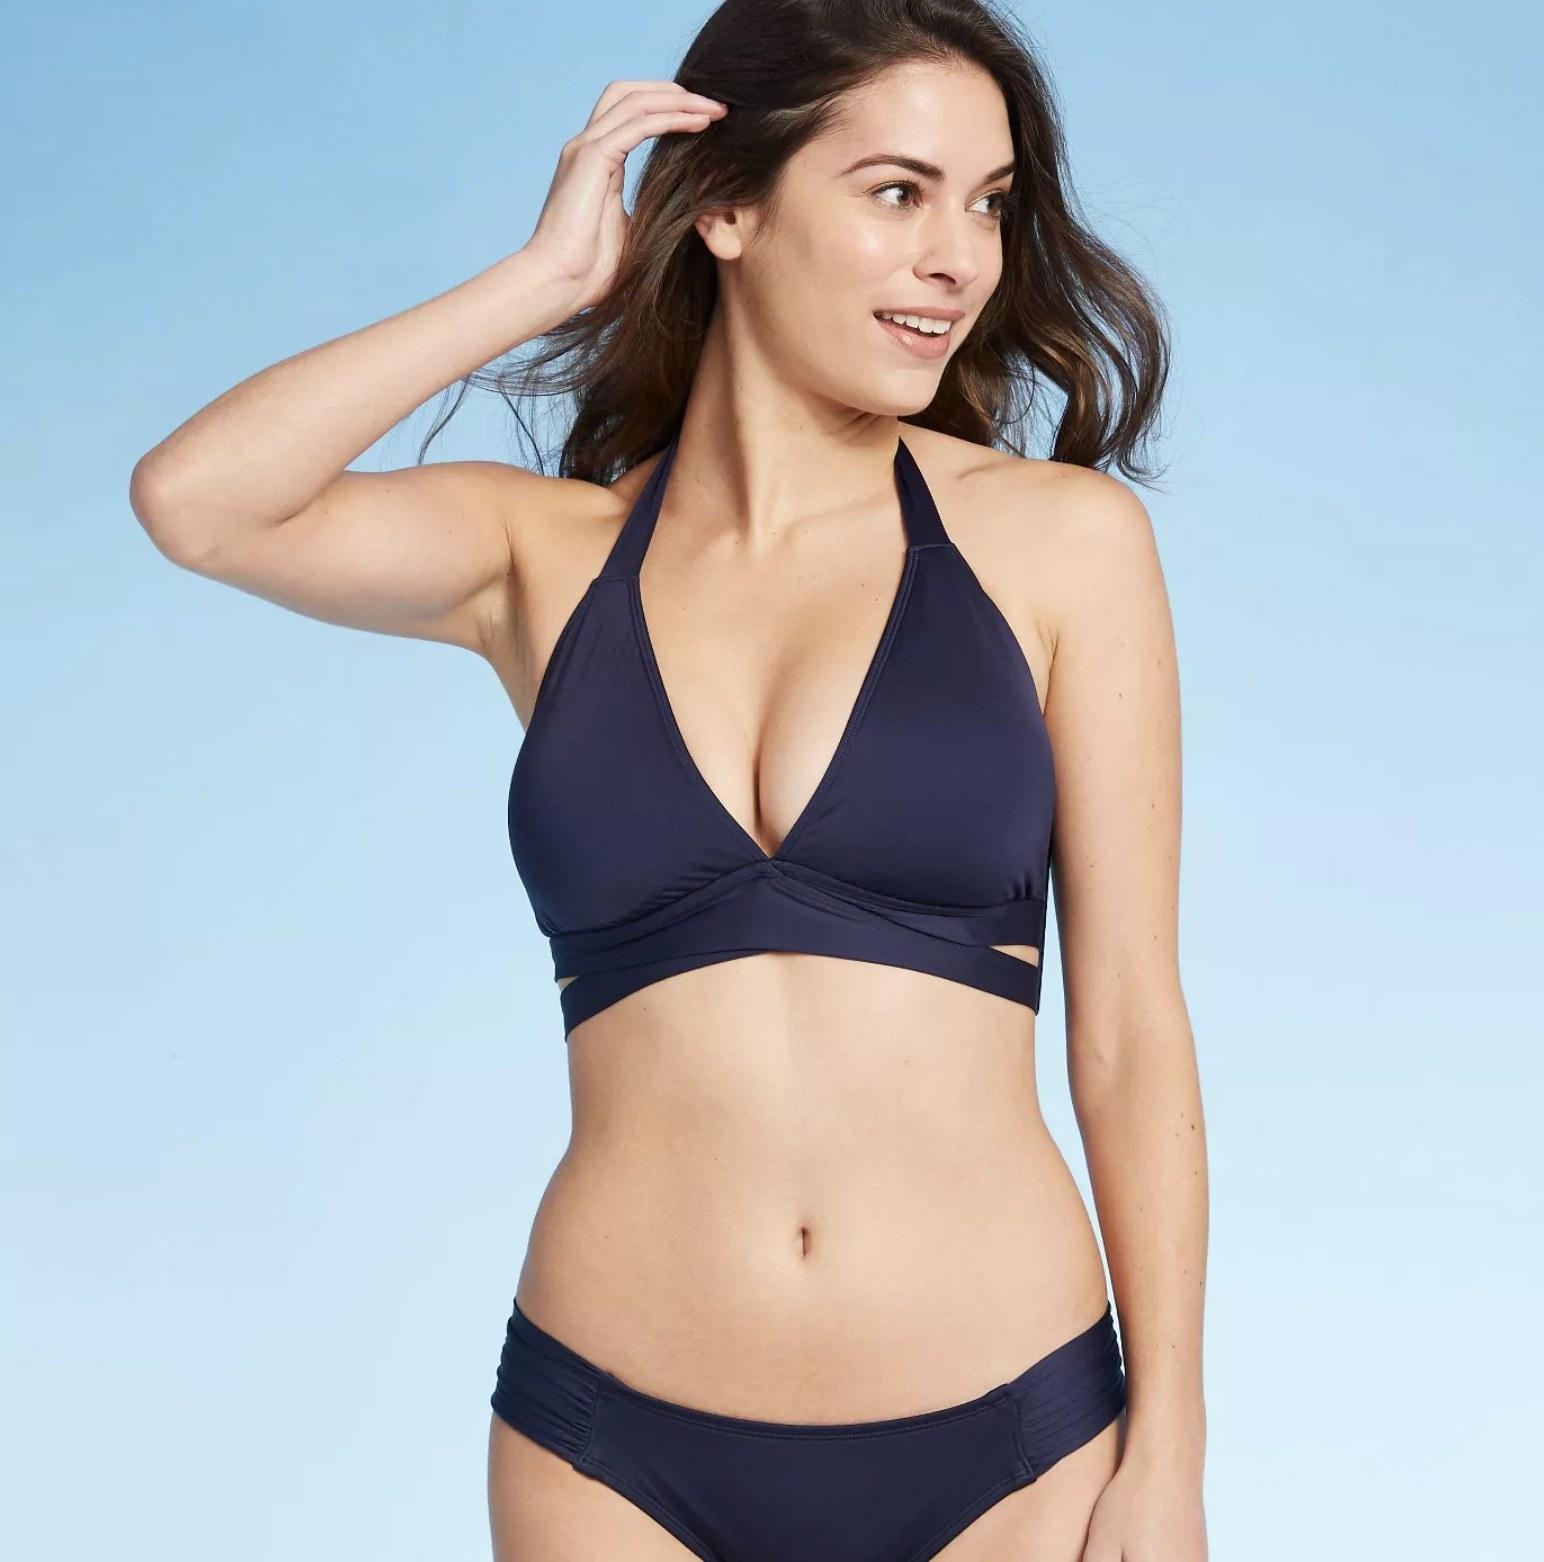 Model wearing the bikini top in blue